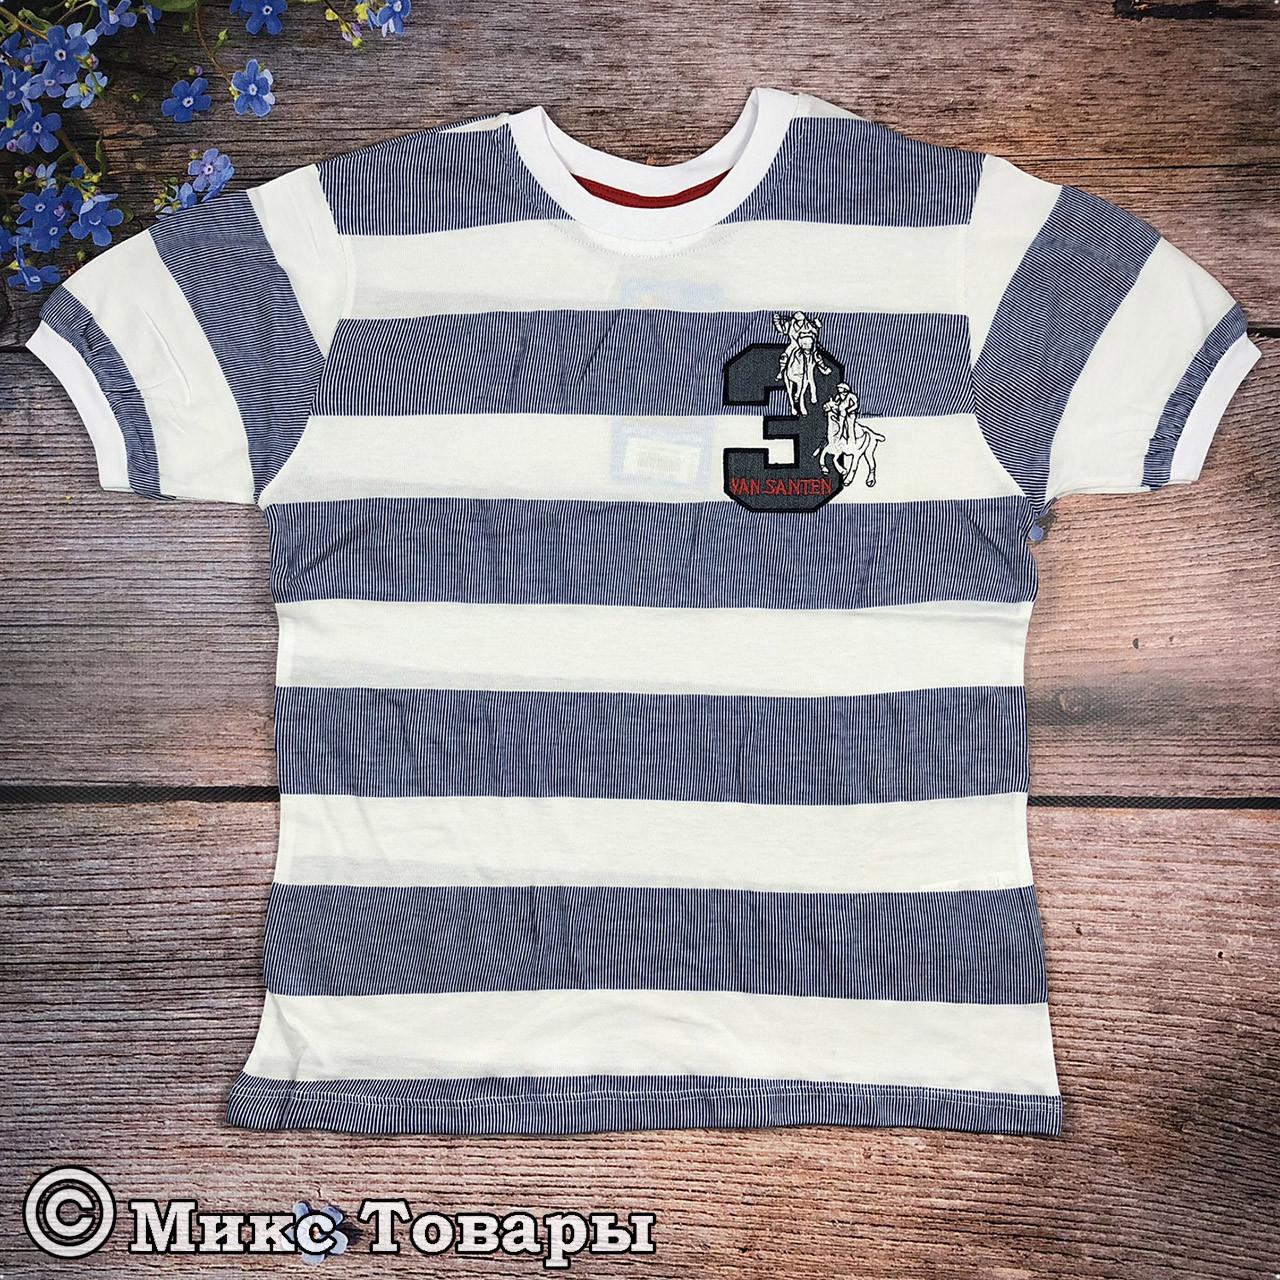 Турецкие футболки для пацанов Размеры:140,152,164,176 см (8066)